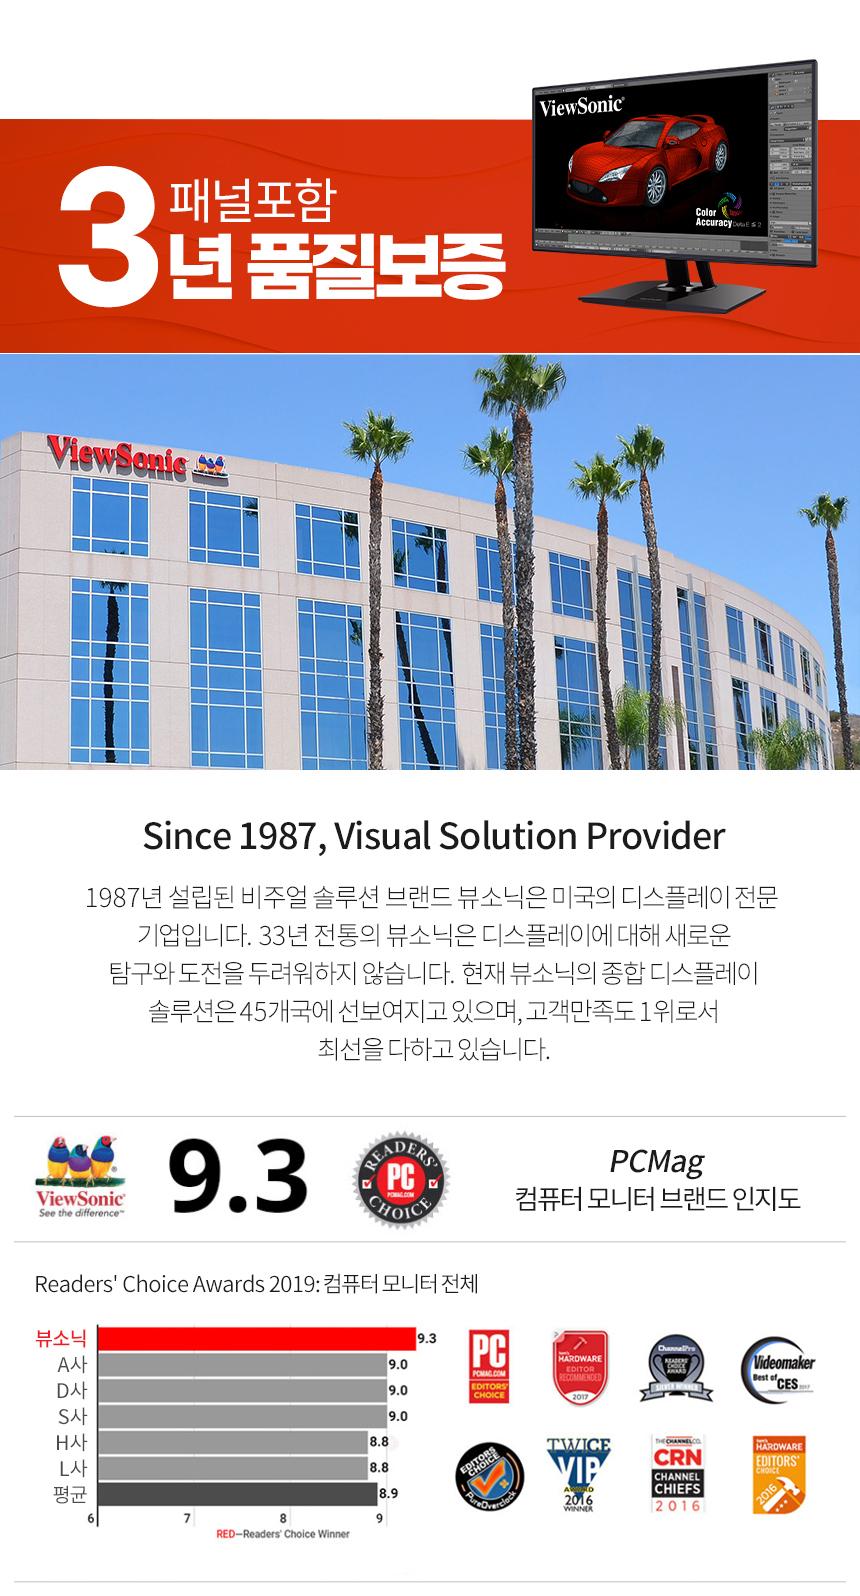 뷰소닉 VP2768-2K QHD IPS 오토피벗 무결점